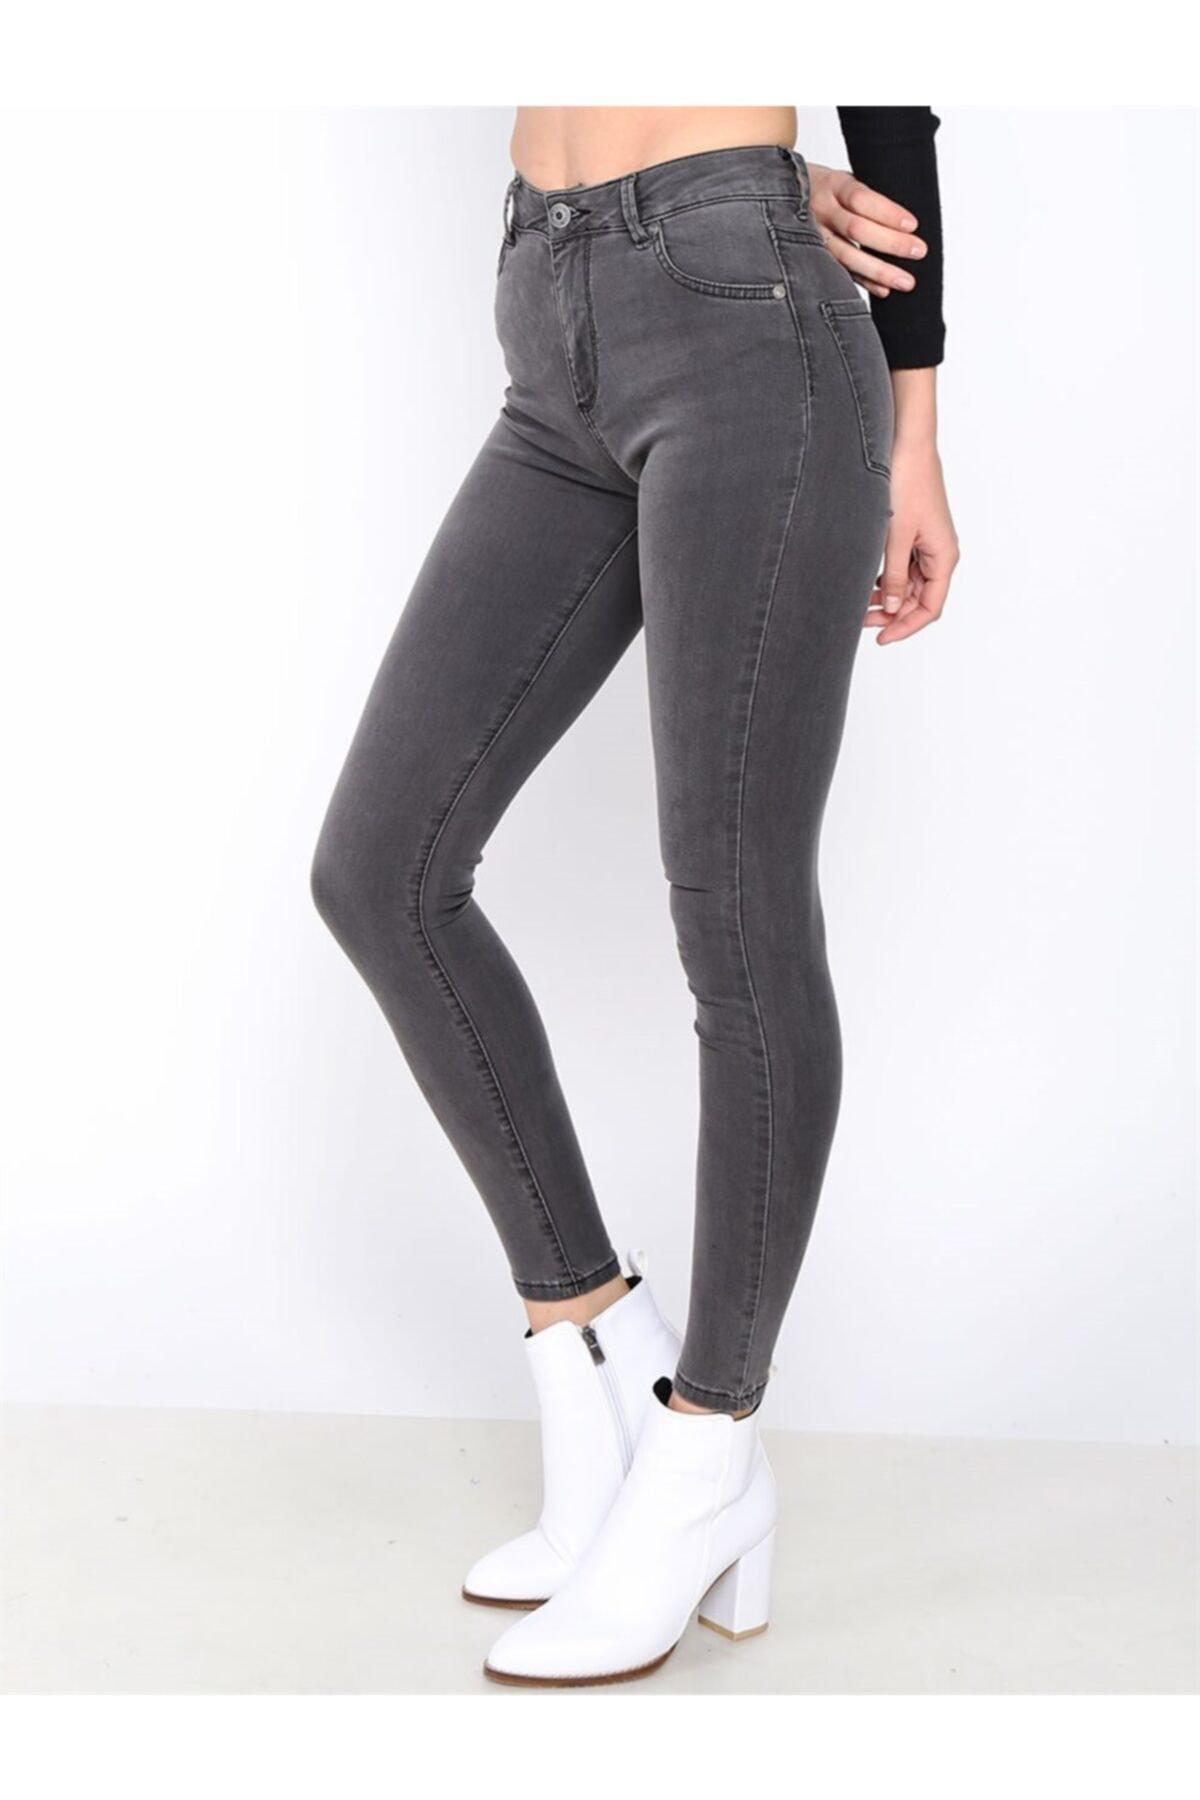 Twister Jeans Kadın Slim Fit Çok Yüksek Bel Pantolon Eva 9028-37 37 2